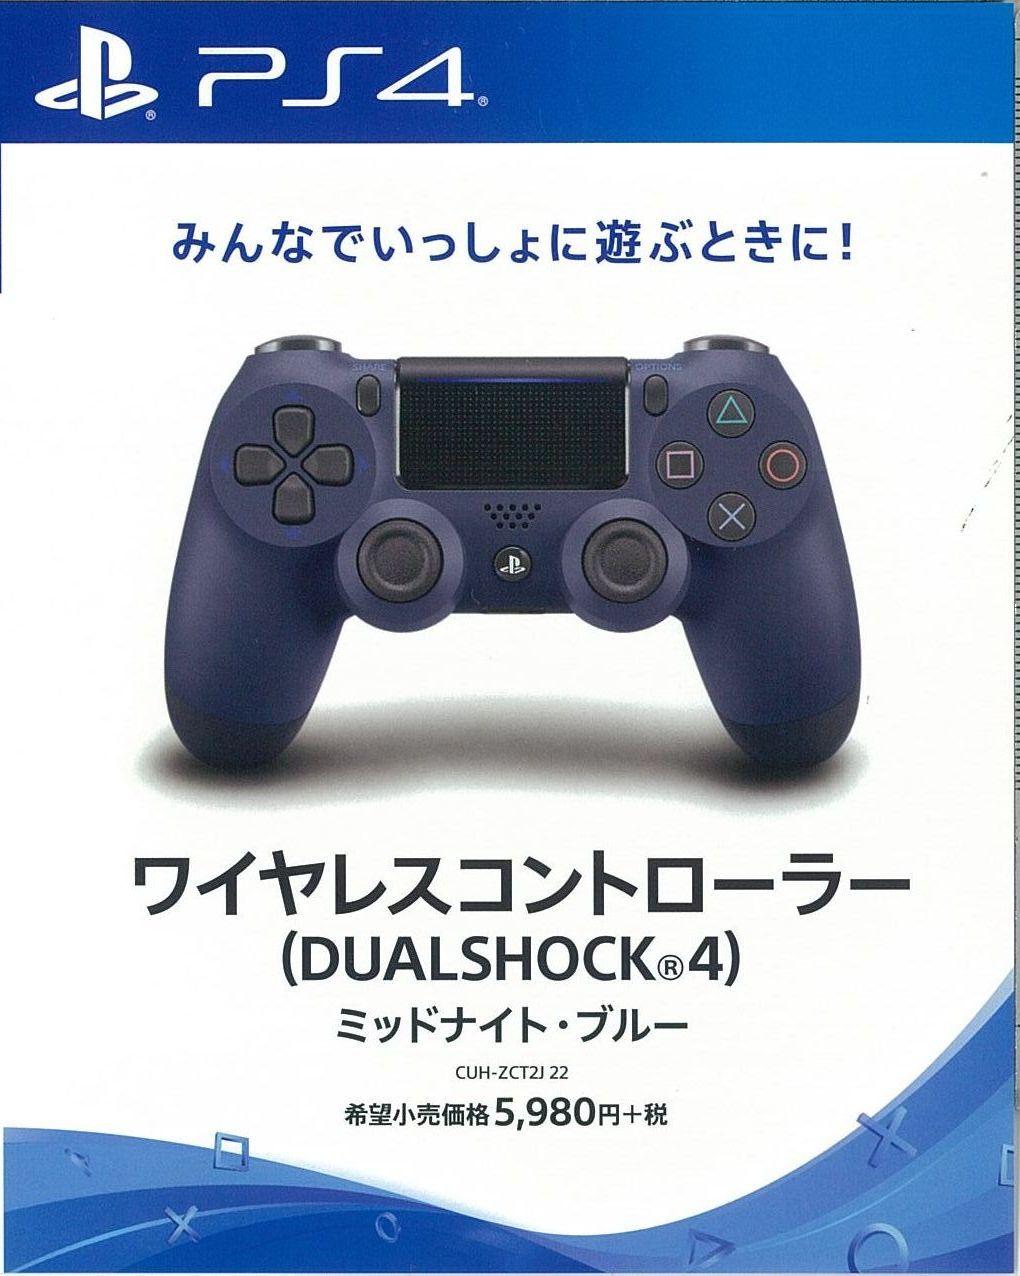 ワイヤレスコントローラー(DUALSHOCK4) ミッドナイト・ブルー